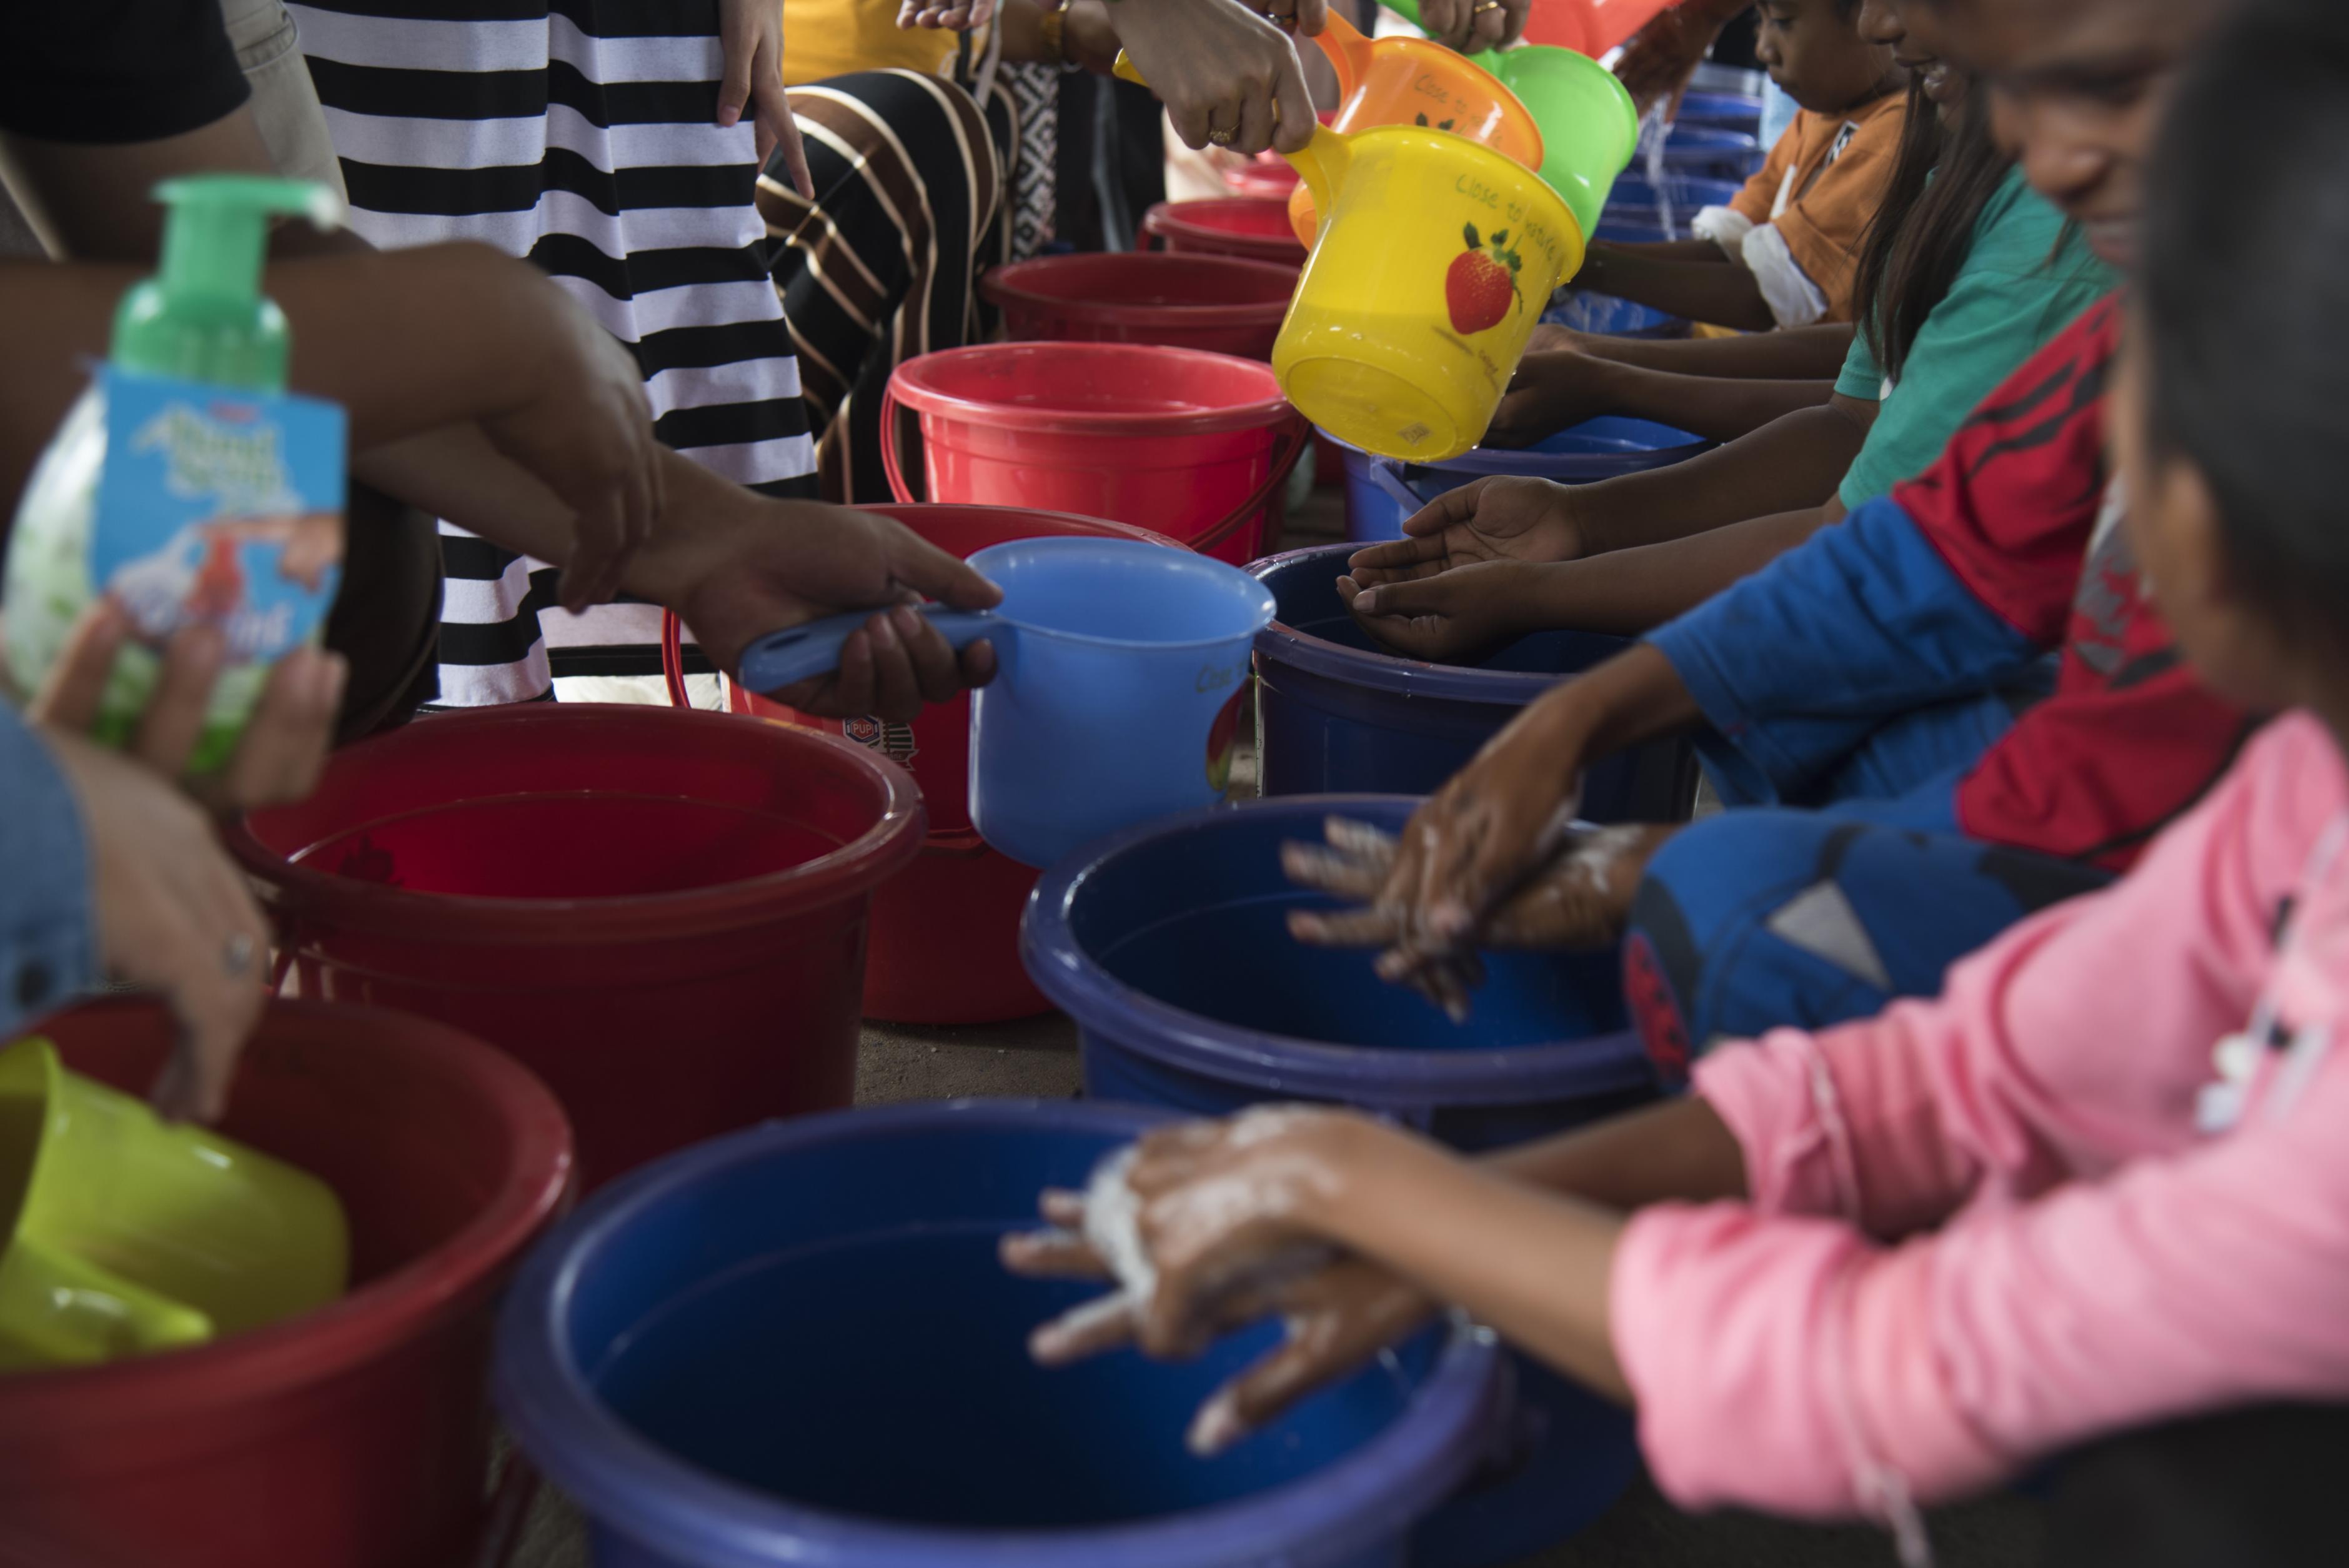 Kinder waschen sich ihre Hände